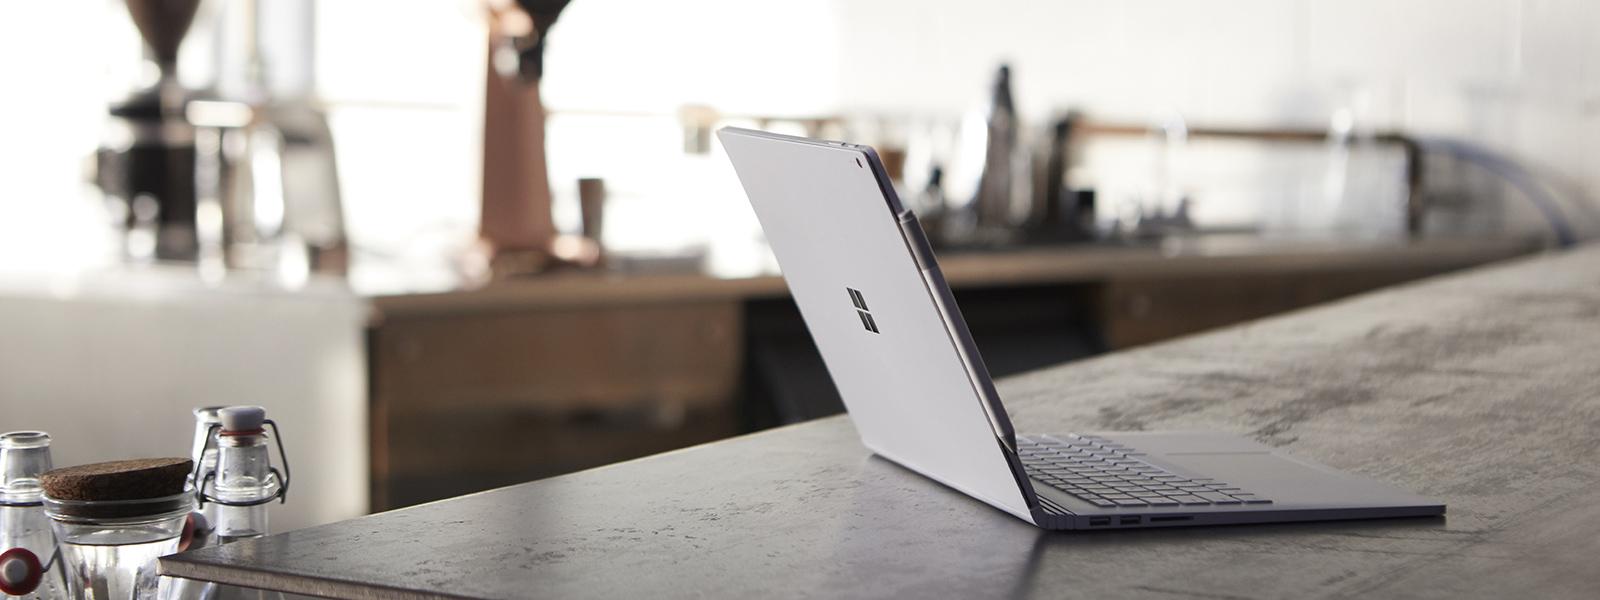 桌上放著 Surface Book 2 與 Surface 手寫筆